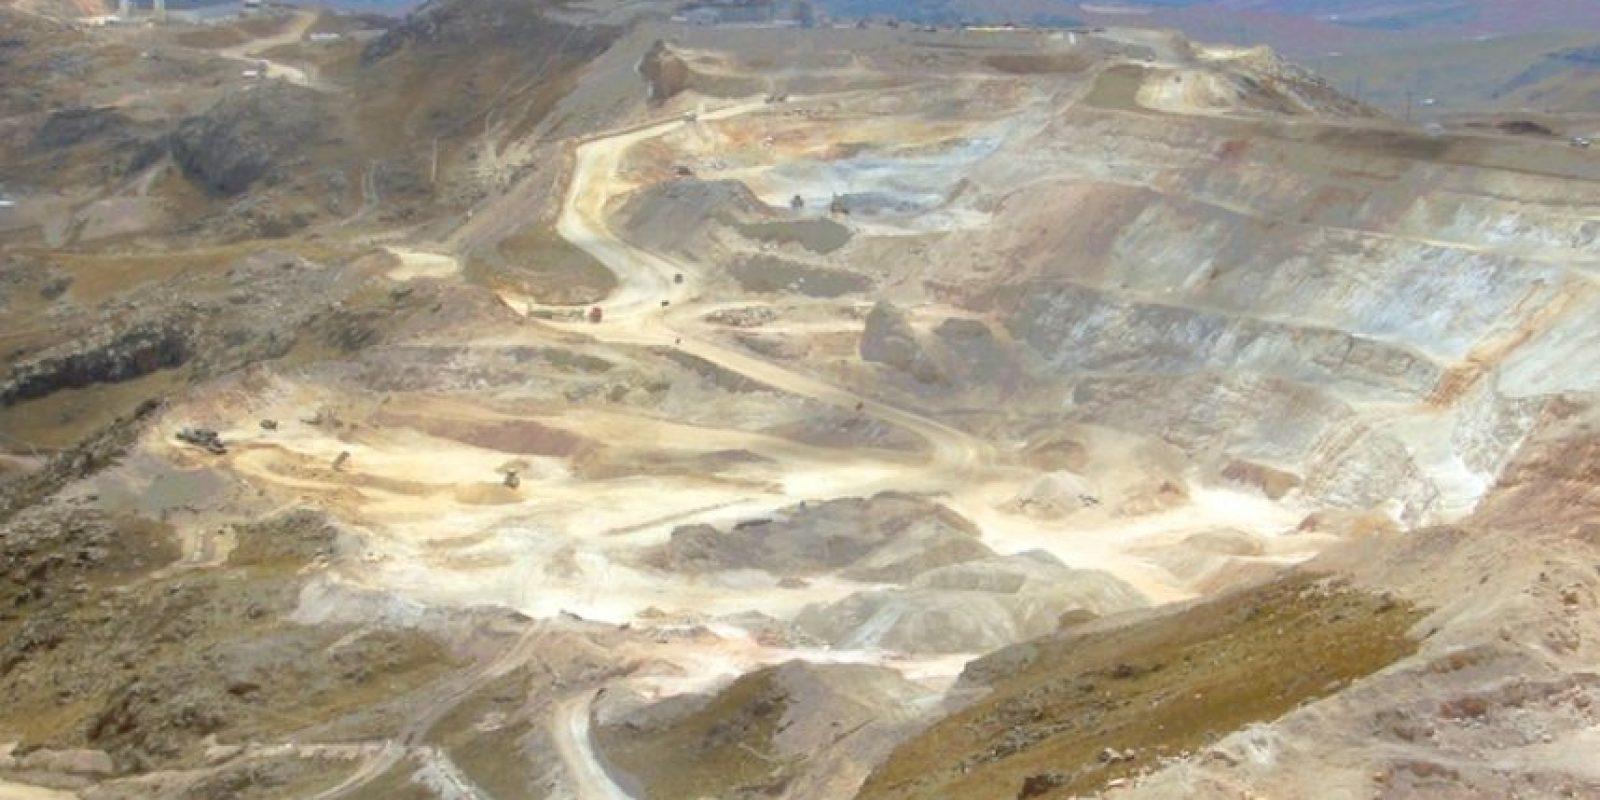 En 2015, Las Bambas comenzará la producción de cobre. Con esta compra, el país de Asia se ha adueñado de un tercio del sector minero de Perú. Foto:Wikipedia